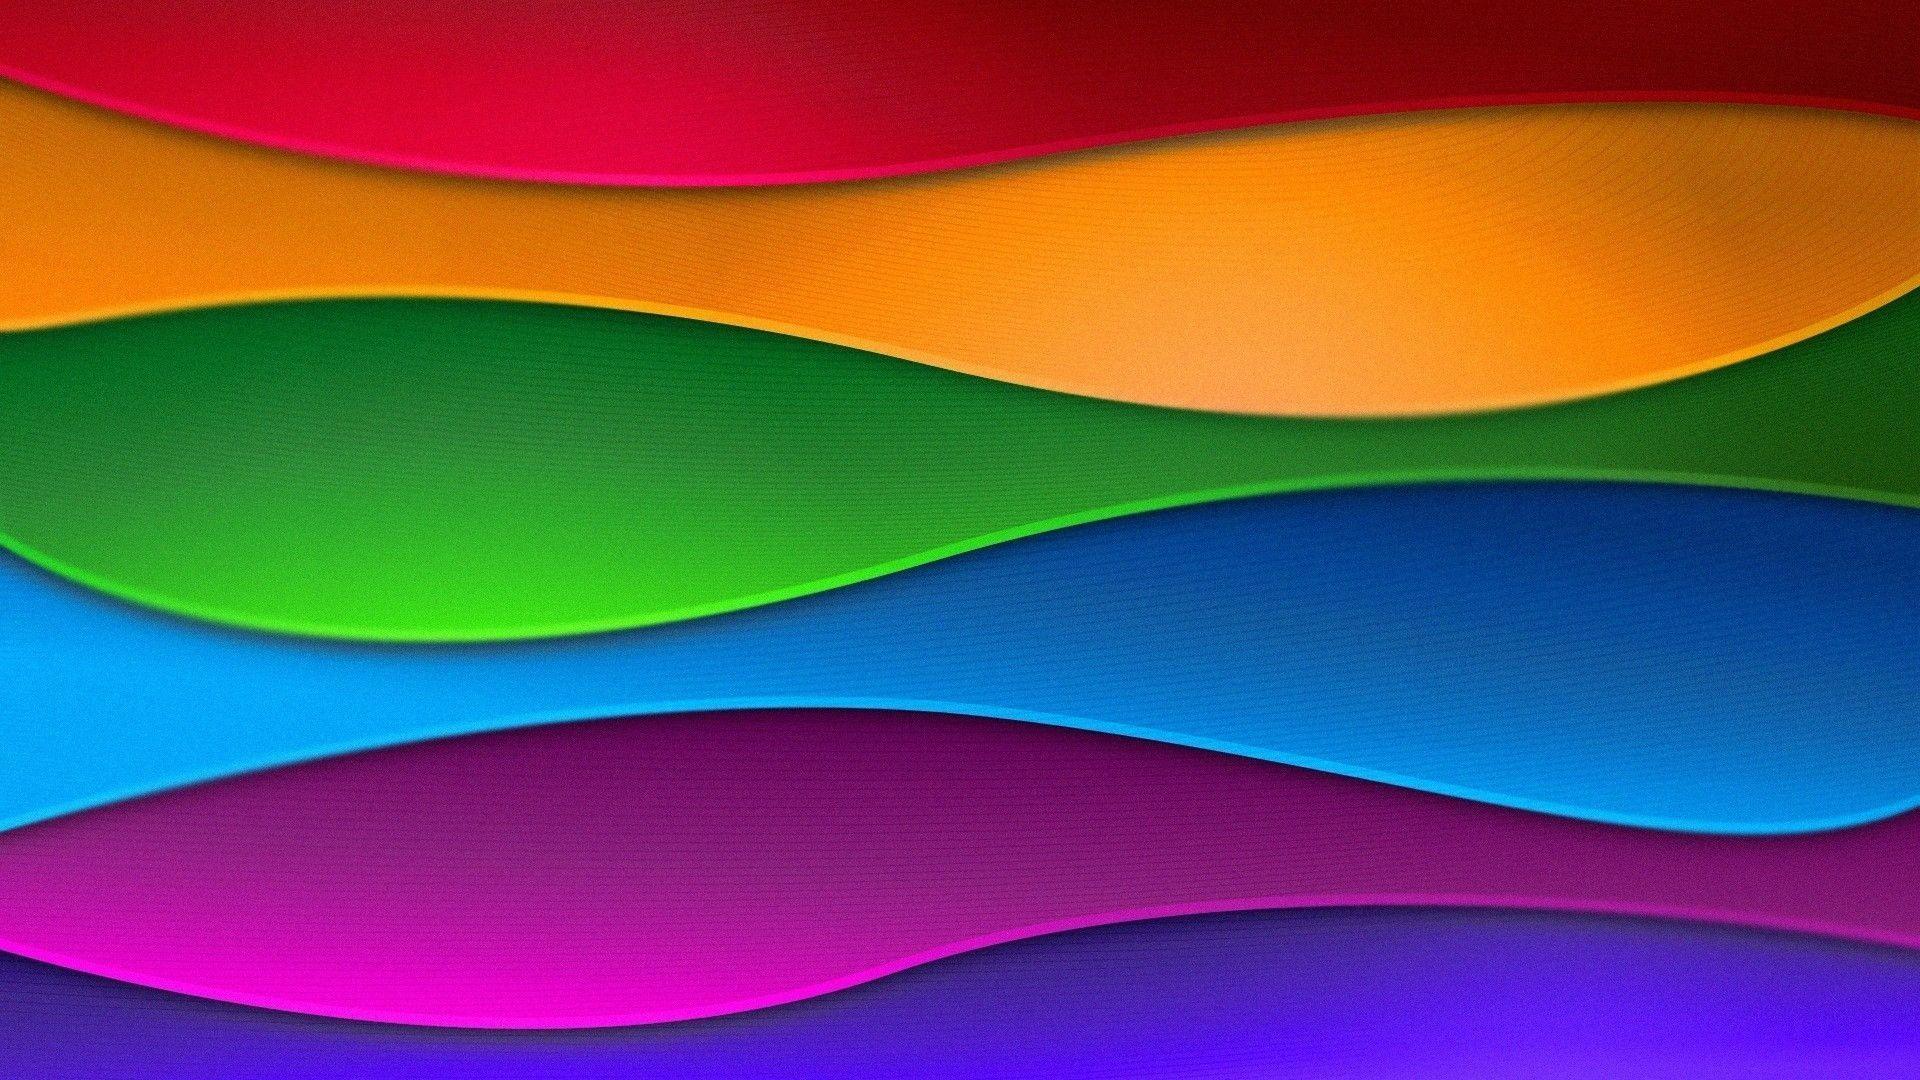 multi colored wallpaper original - photo #25